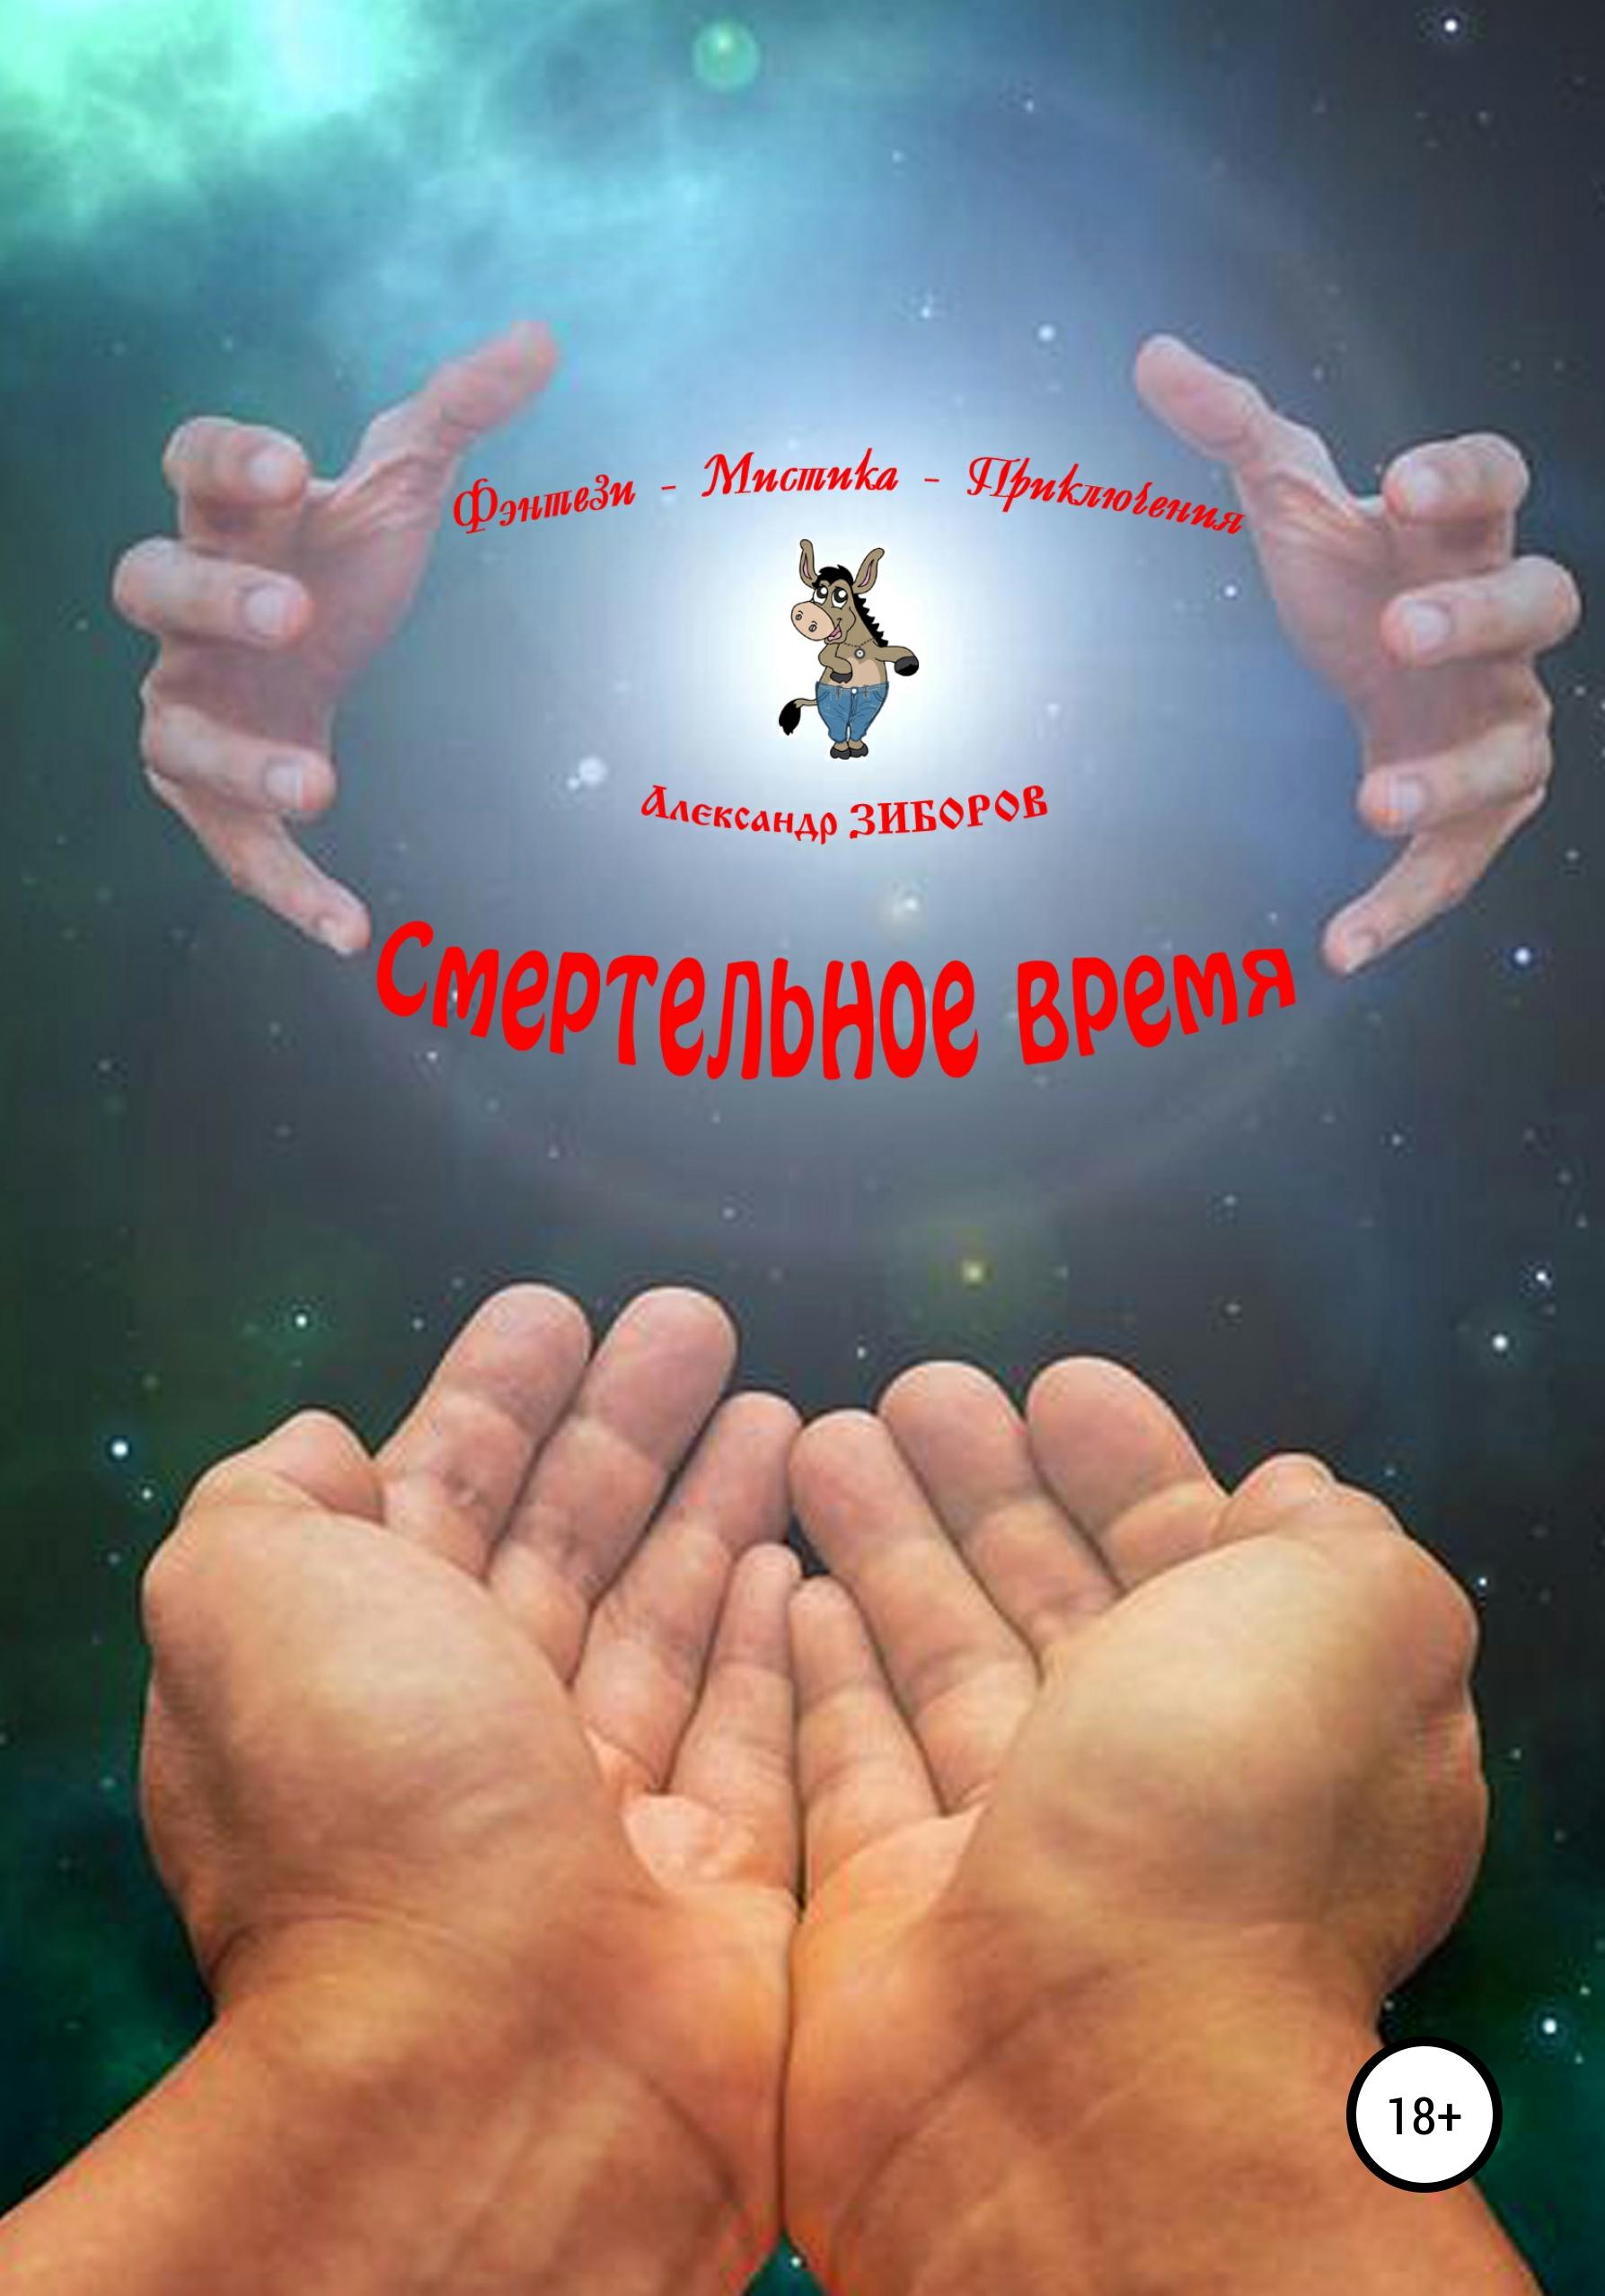 Александр Зиборов Смертельное время скотт с величайшие слова в мире все что иисус сказал о вас isbn 9785699508846